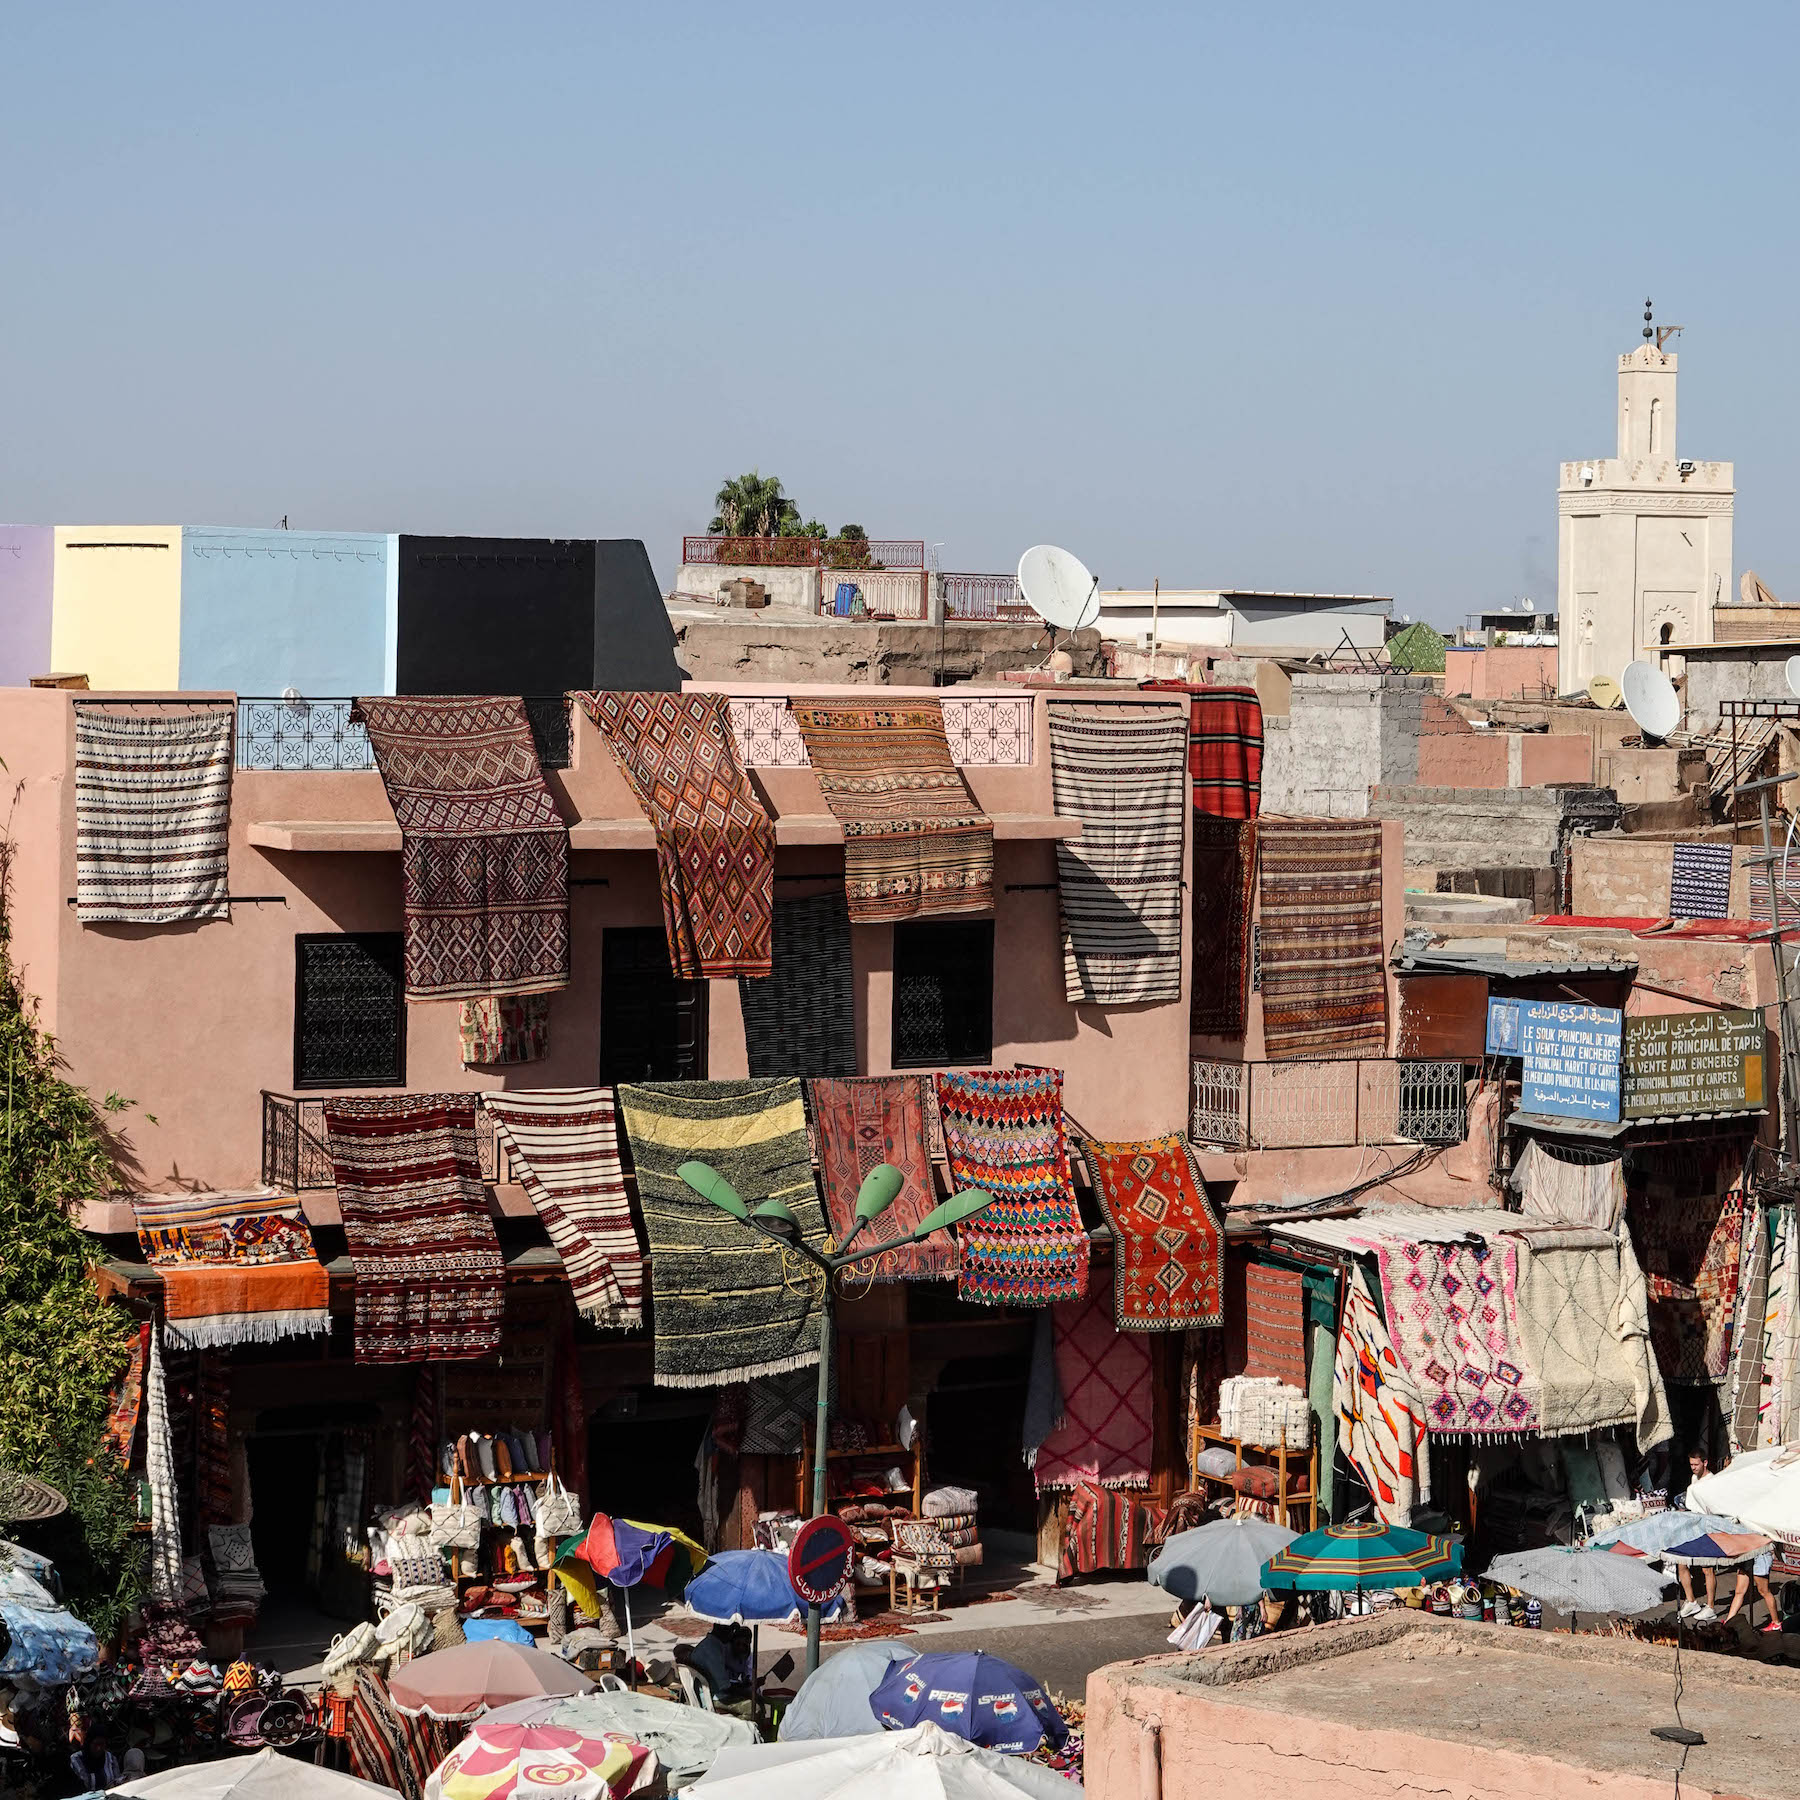 Marrakesch Reise Tipps Suelovesnyc_Tipps_Marrakesch_Reise_Marrakech_Marrakesch_Urlaub